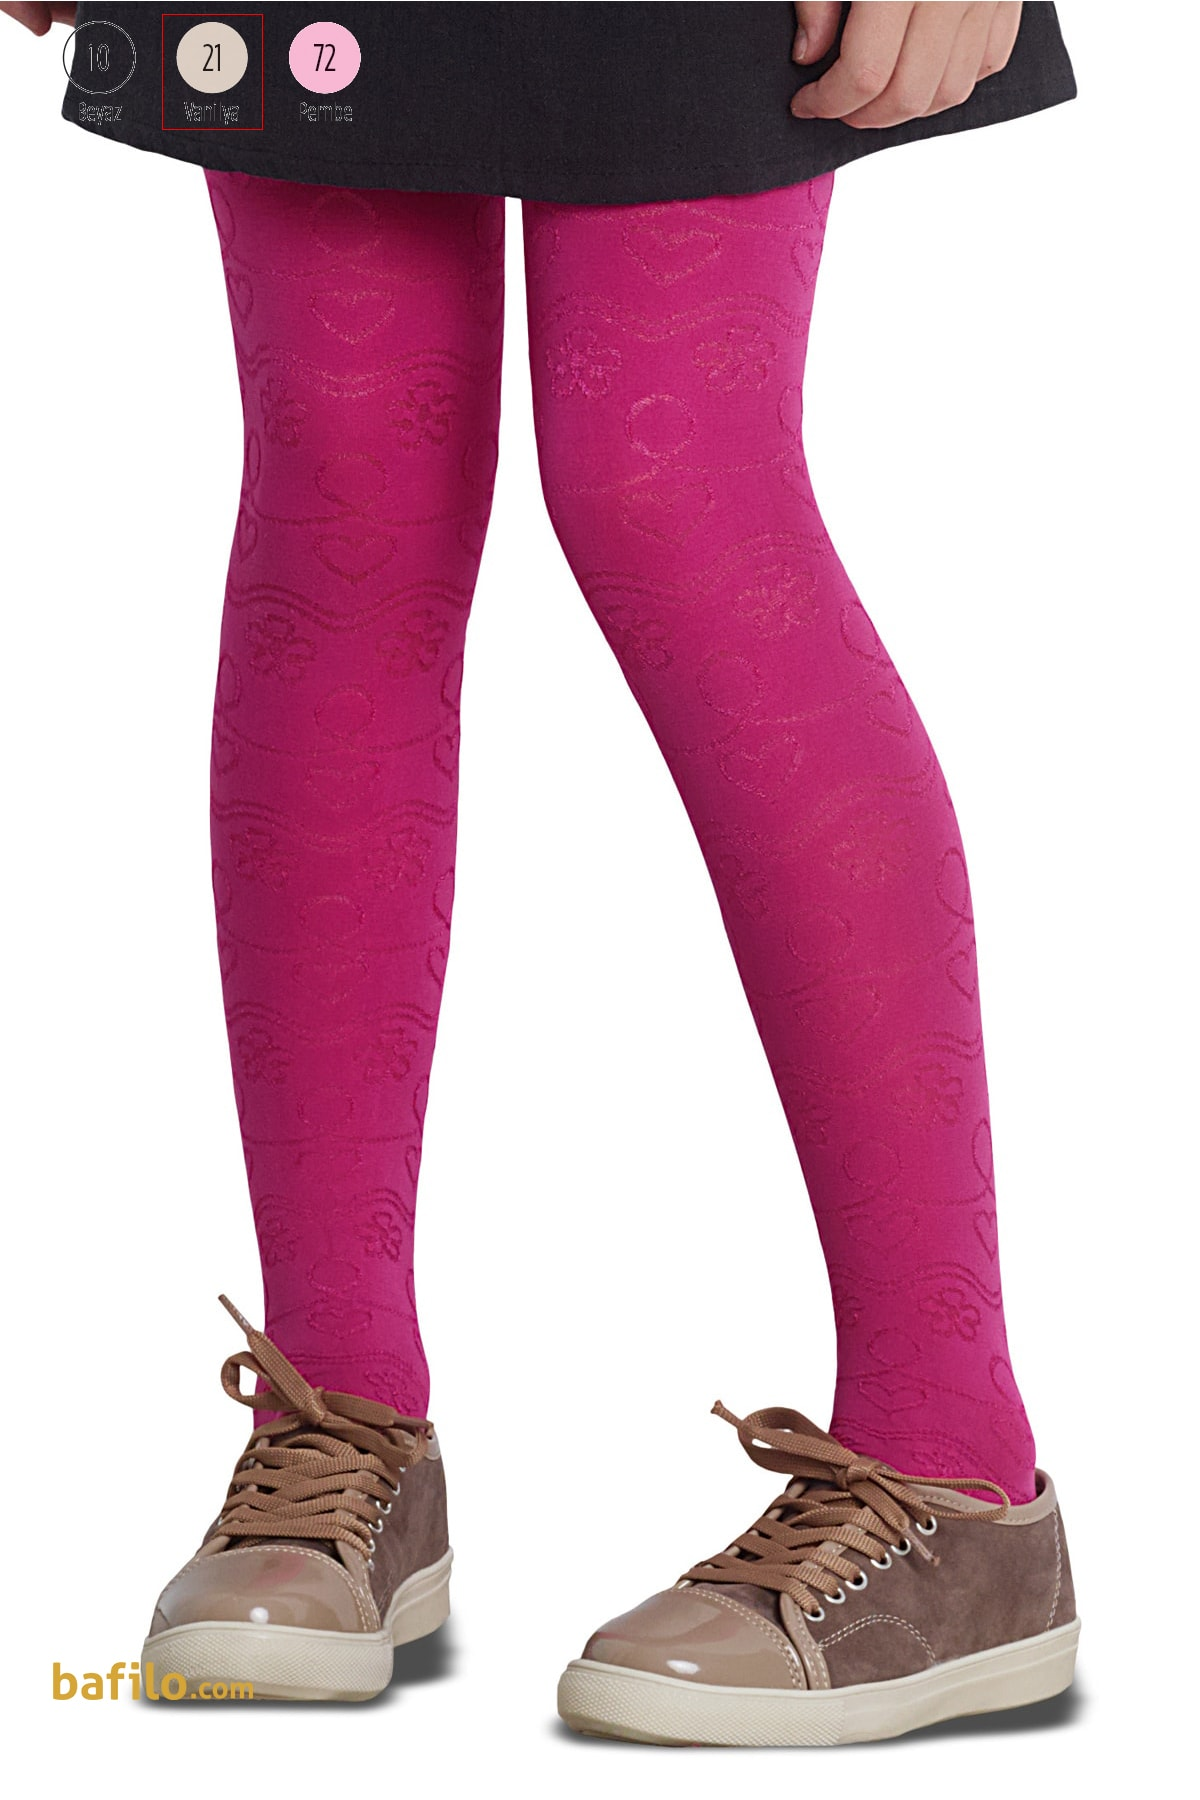 پنتی | Penti - جوراب شلواری دخترانه طرح Lilyum رنگ وانیلی